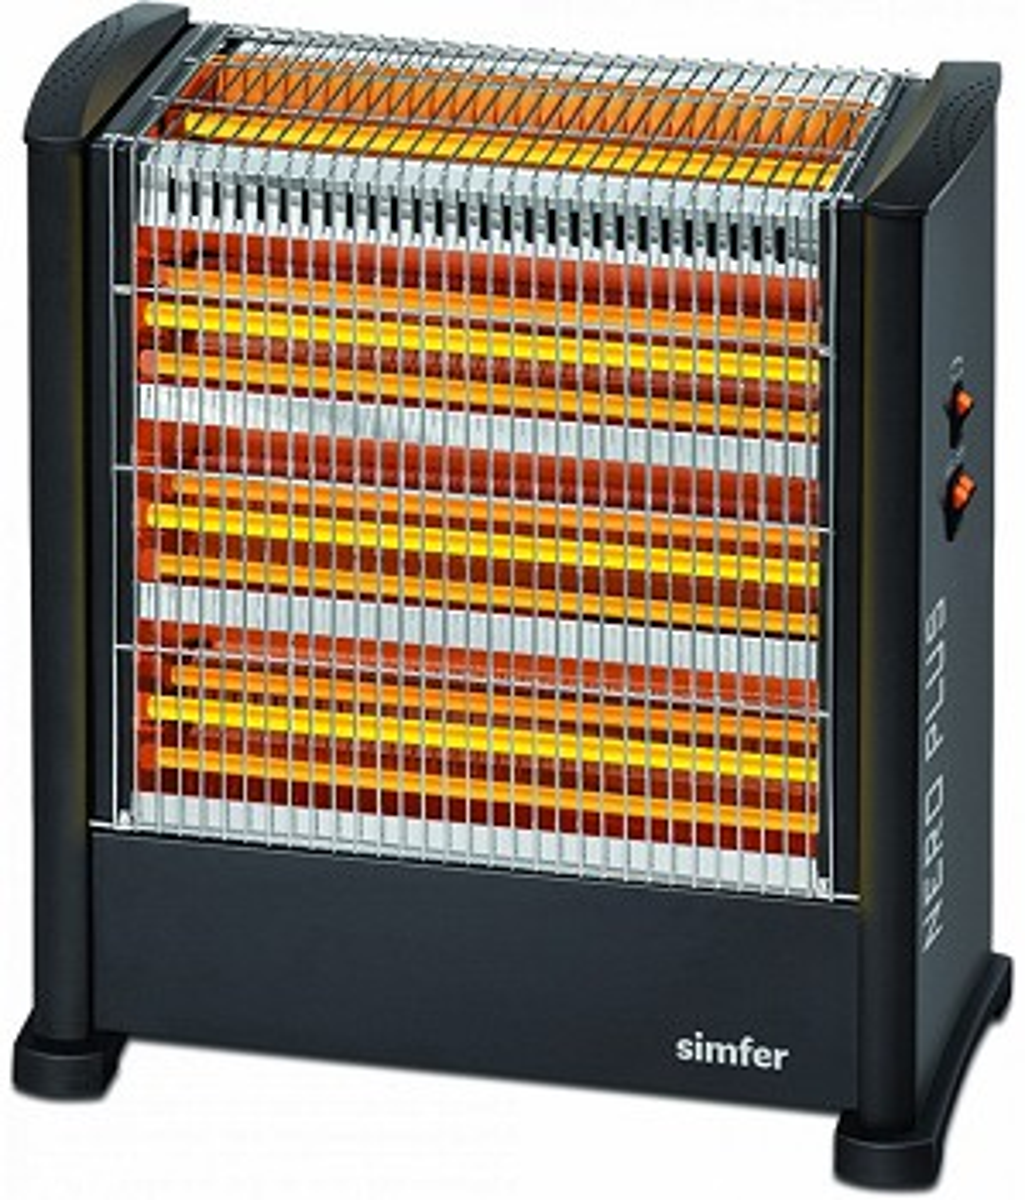 SIMFER S2400WT